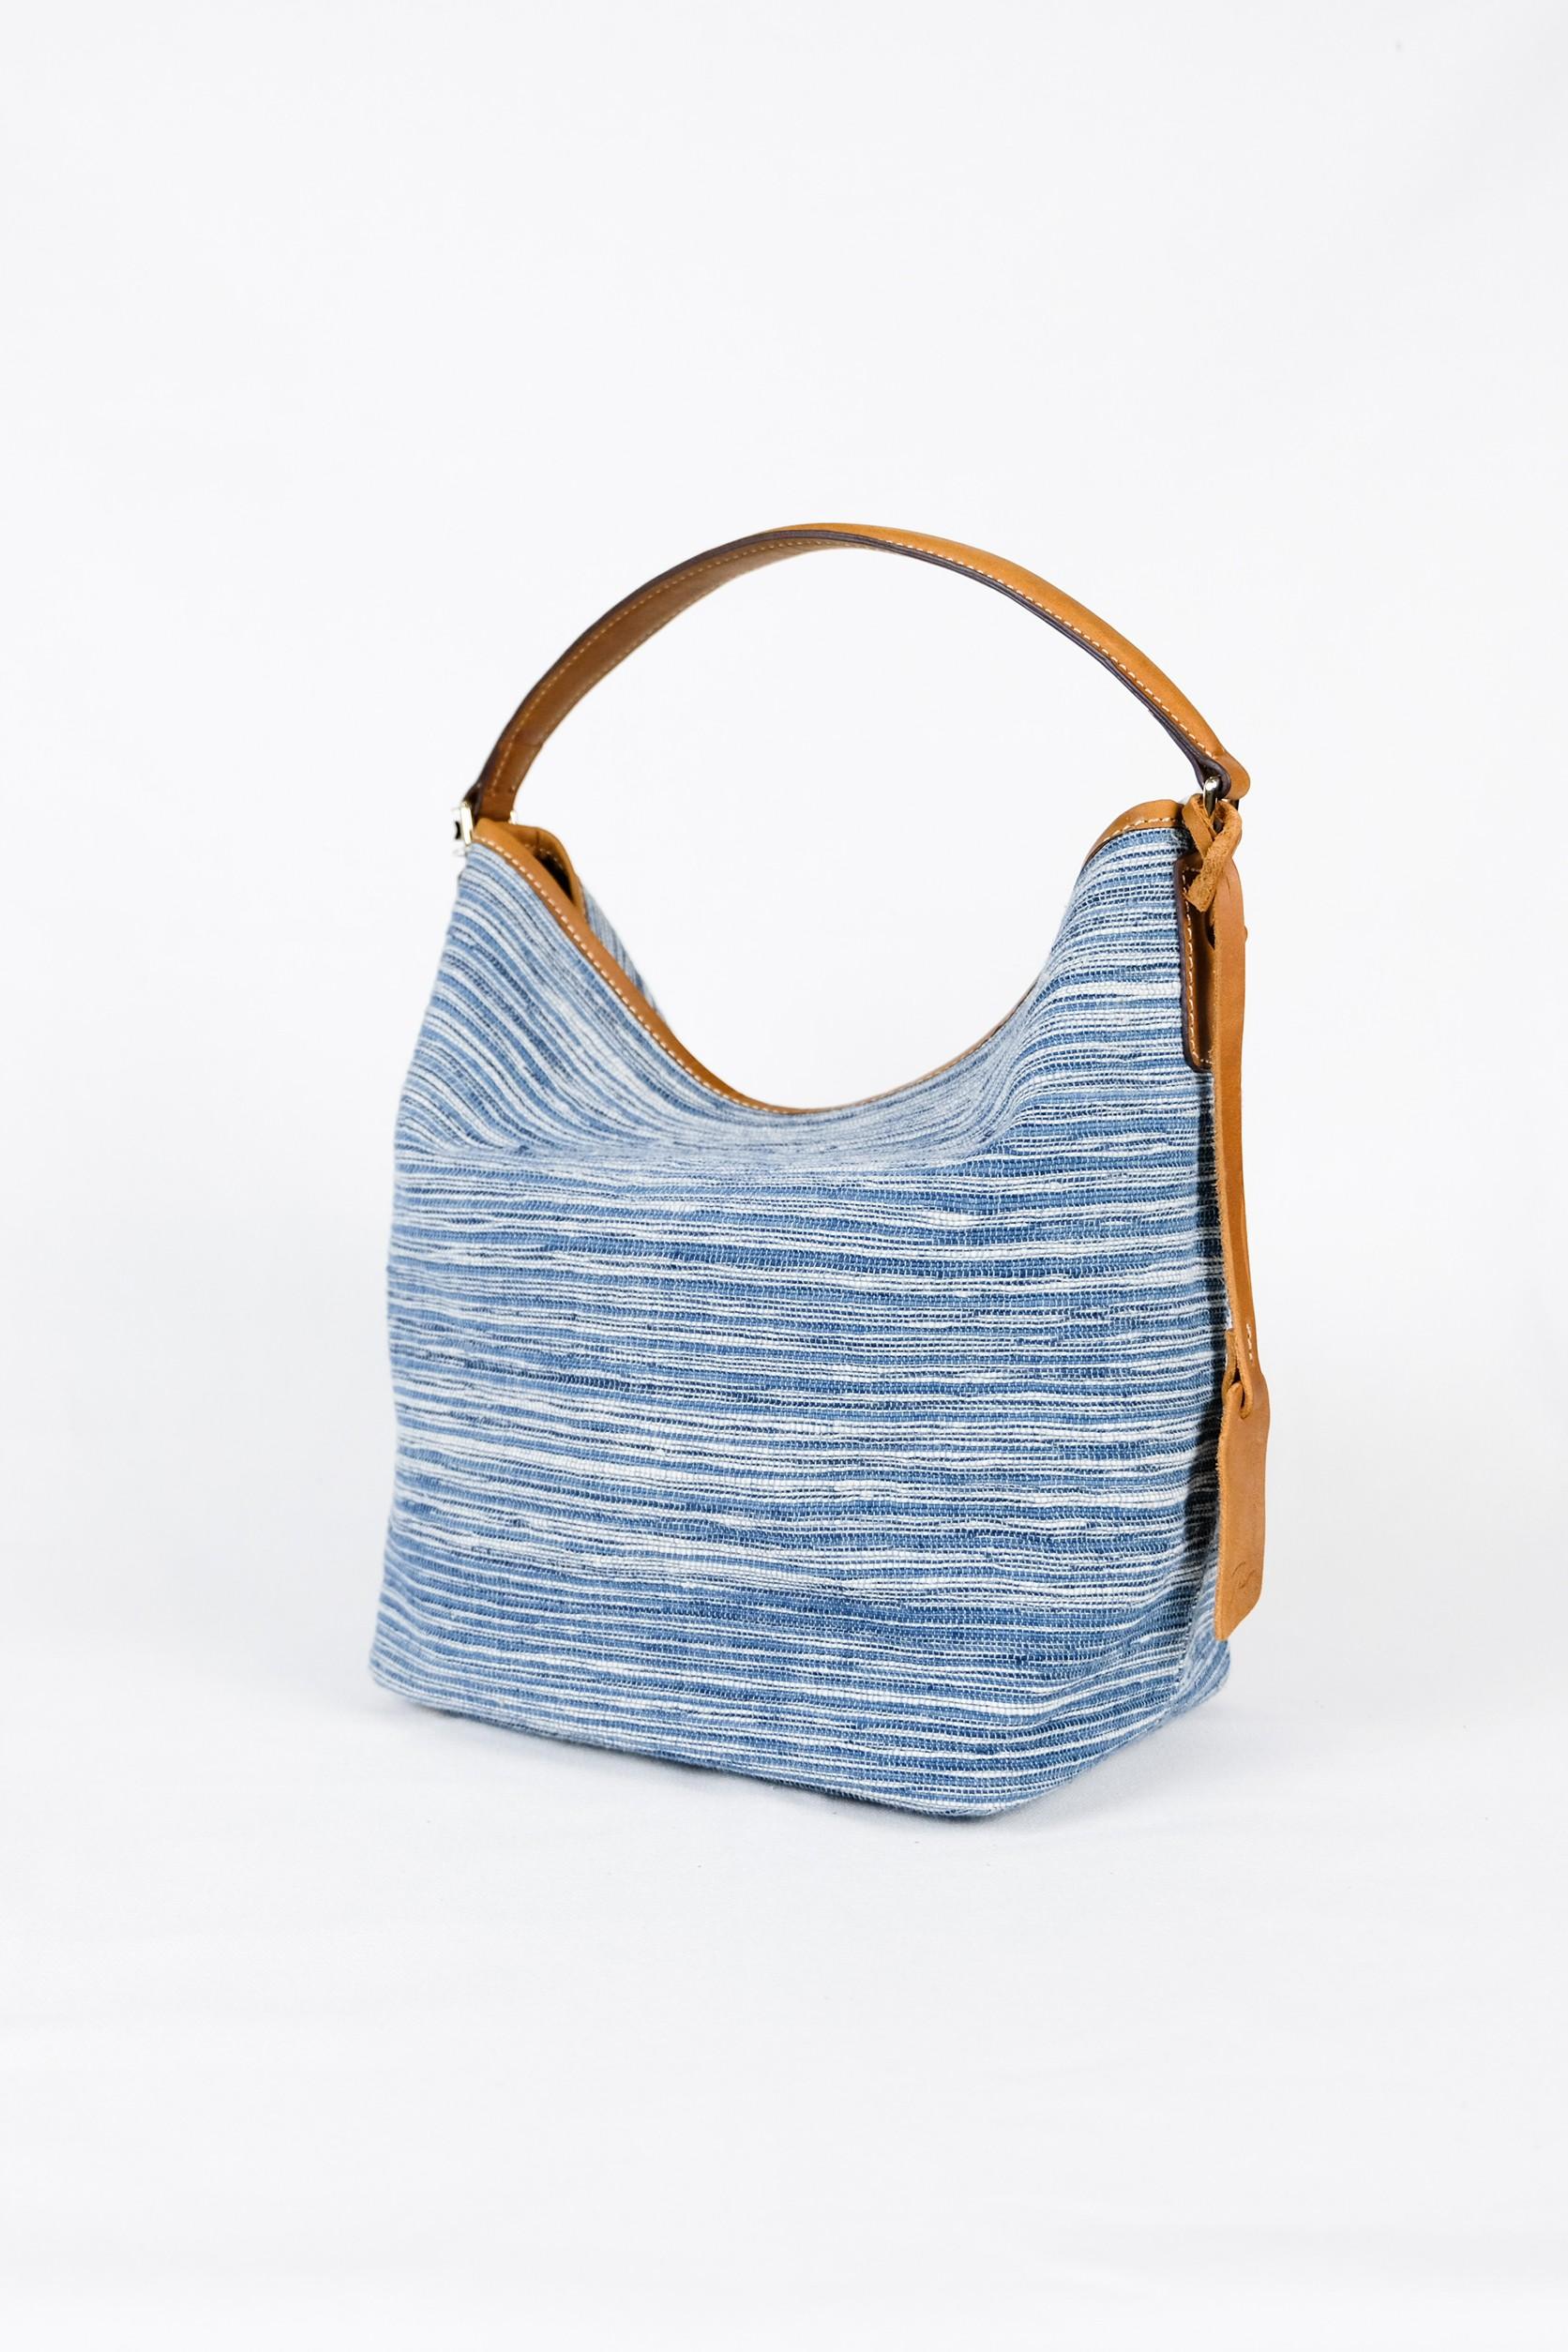 'Kram' bag